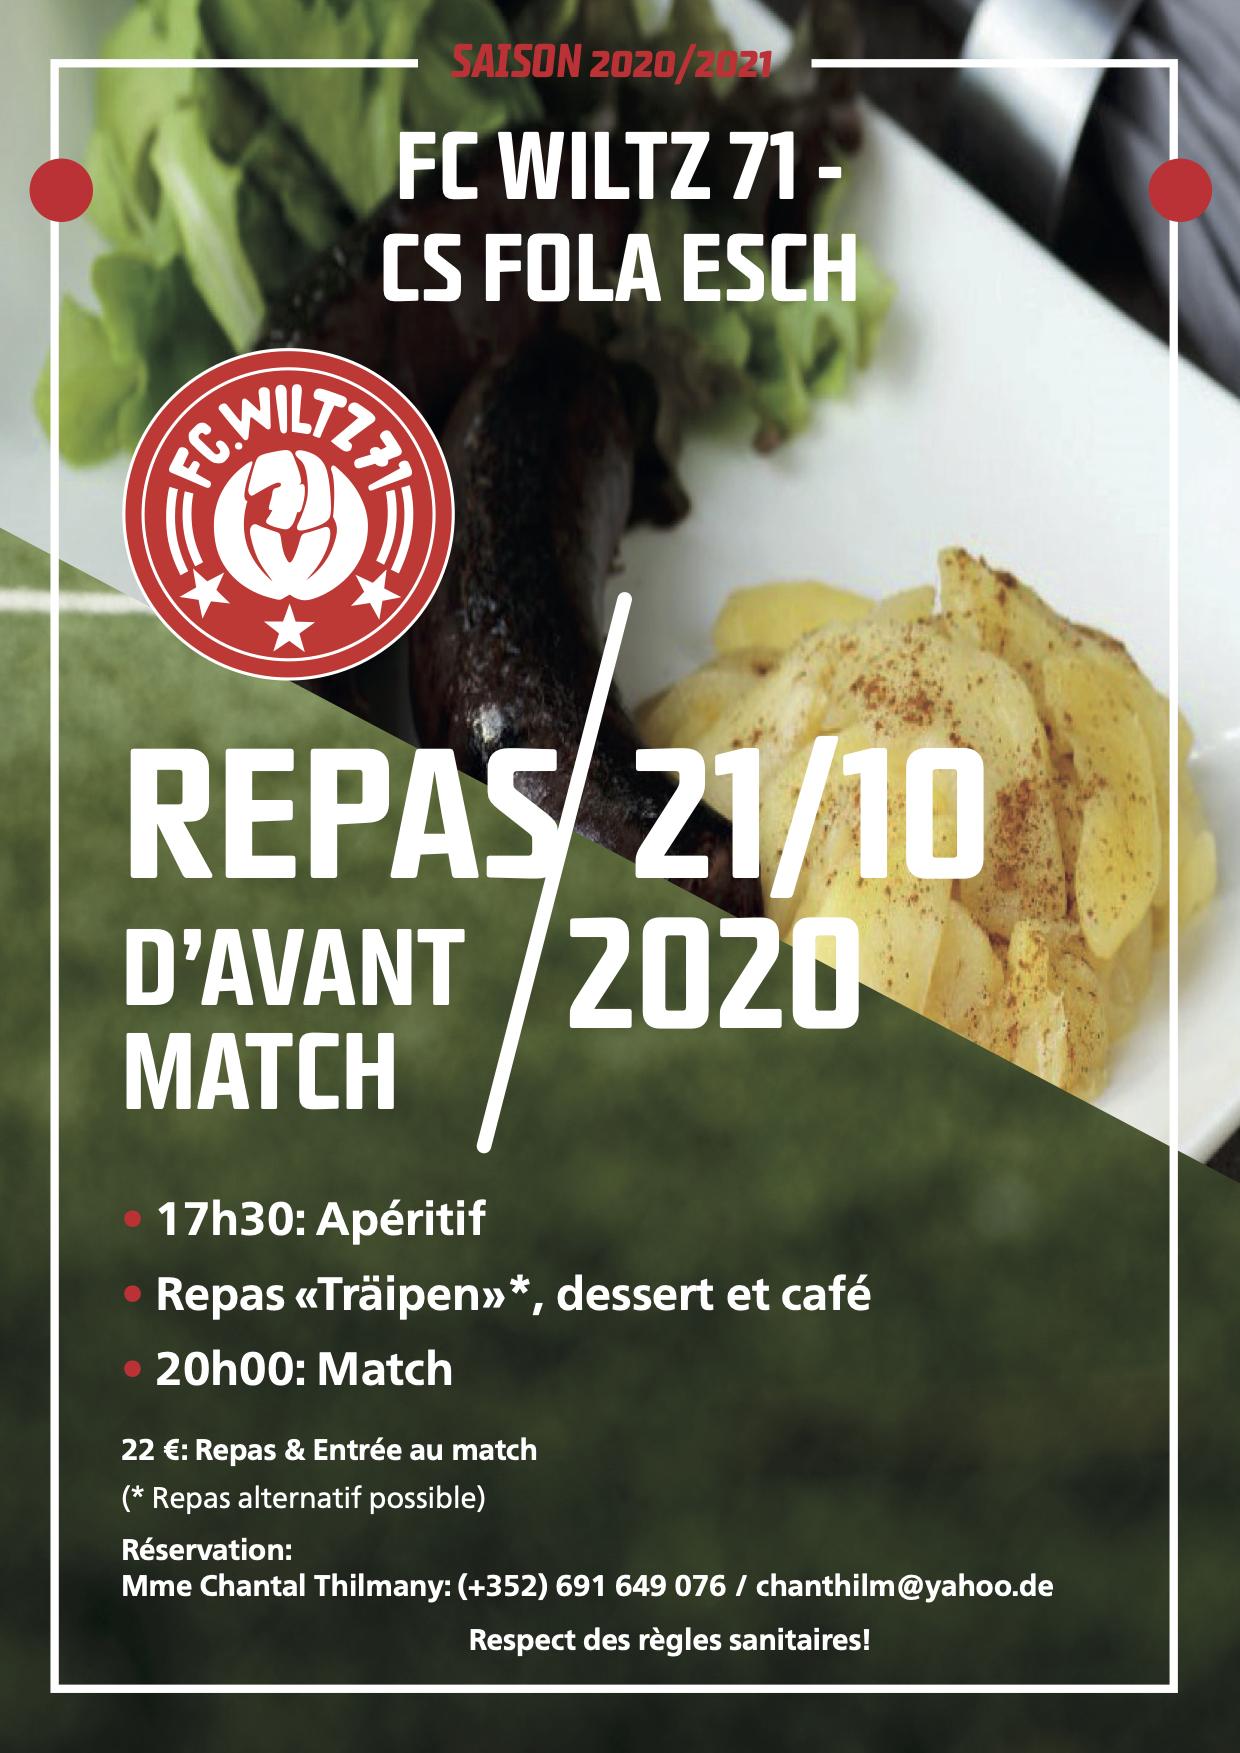 FC WILTZ 71 VS CS FOLA ESCH: REPAS ORGANISÉE